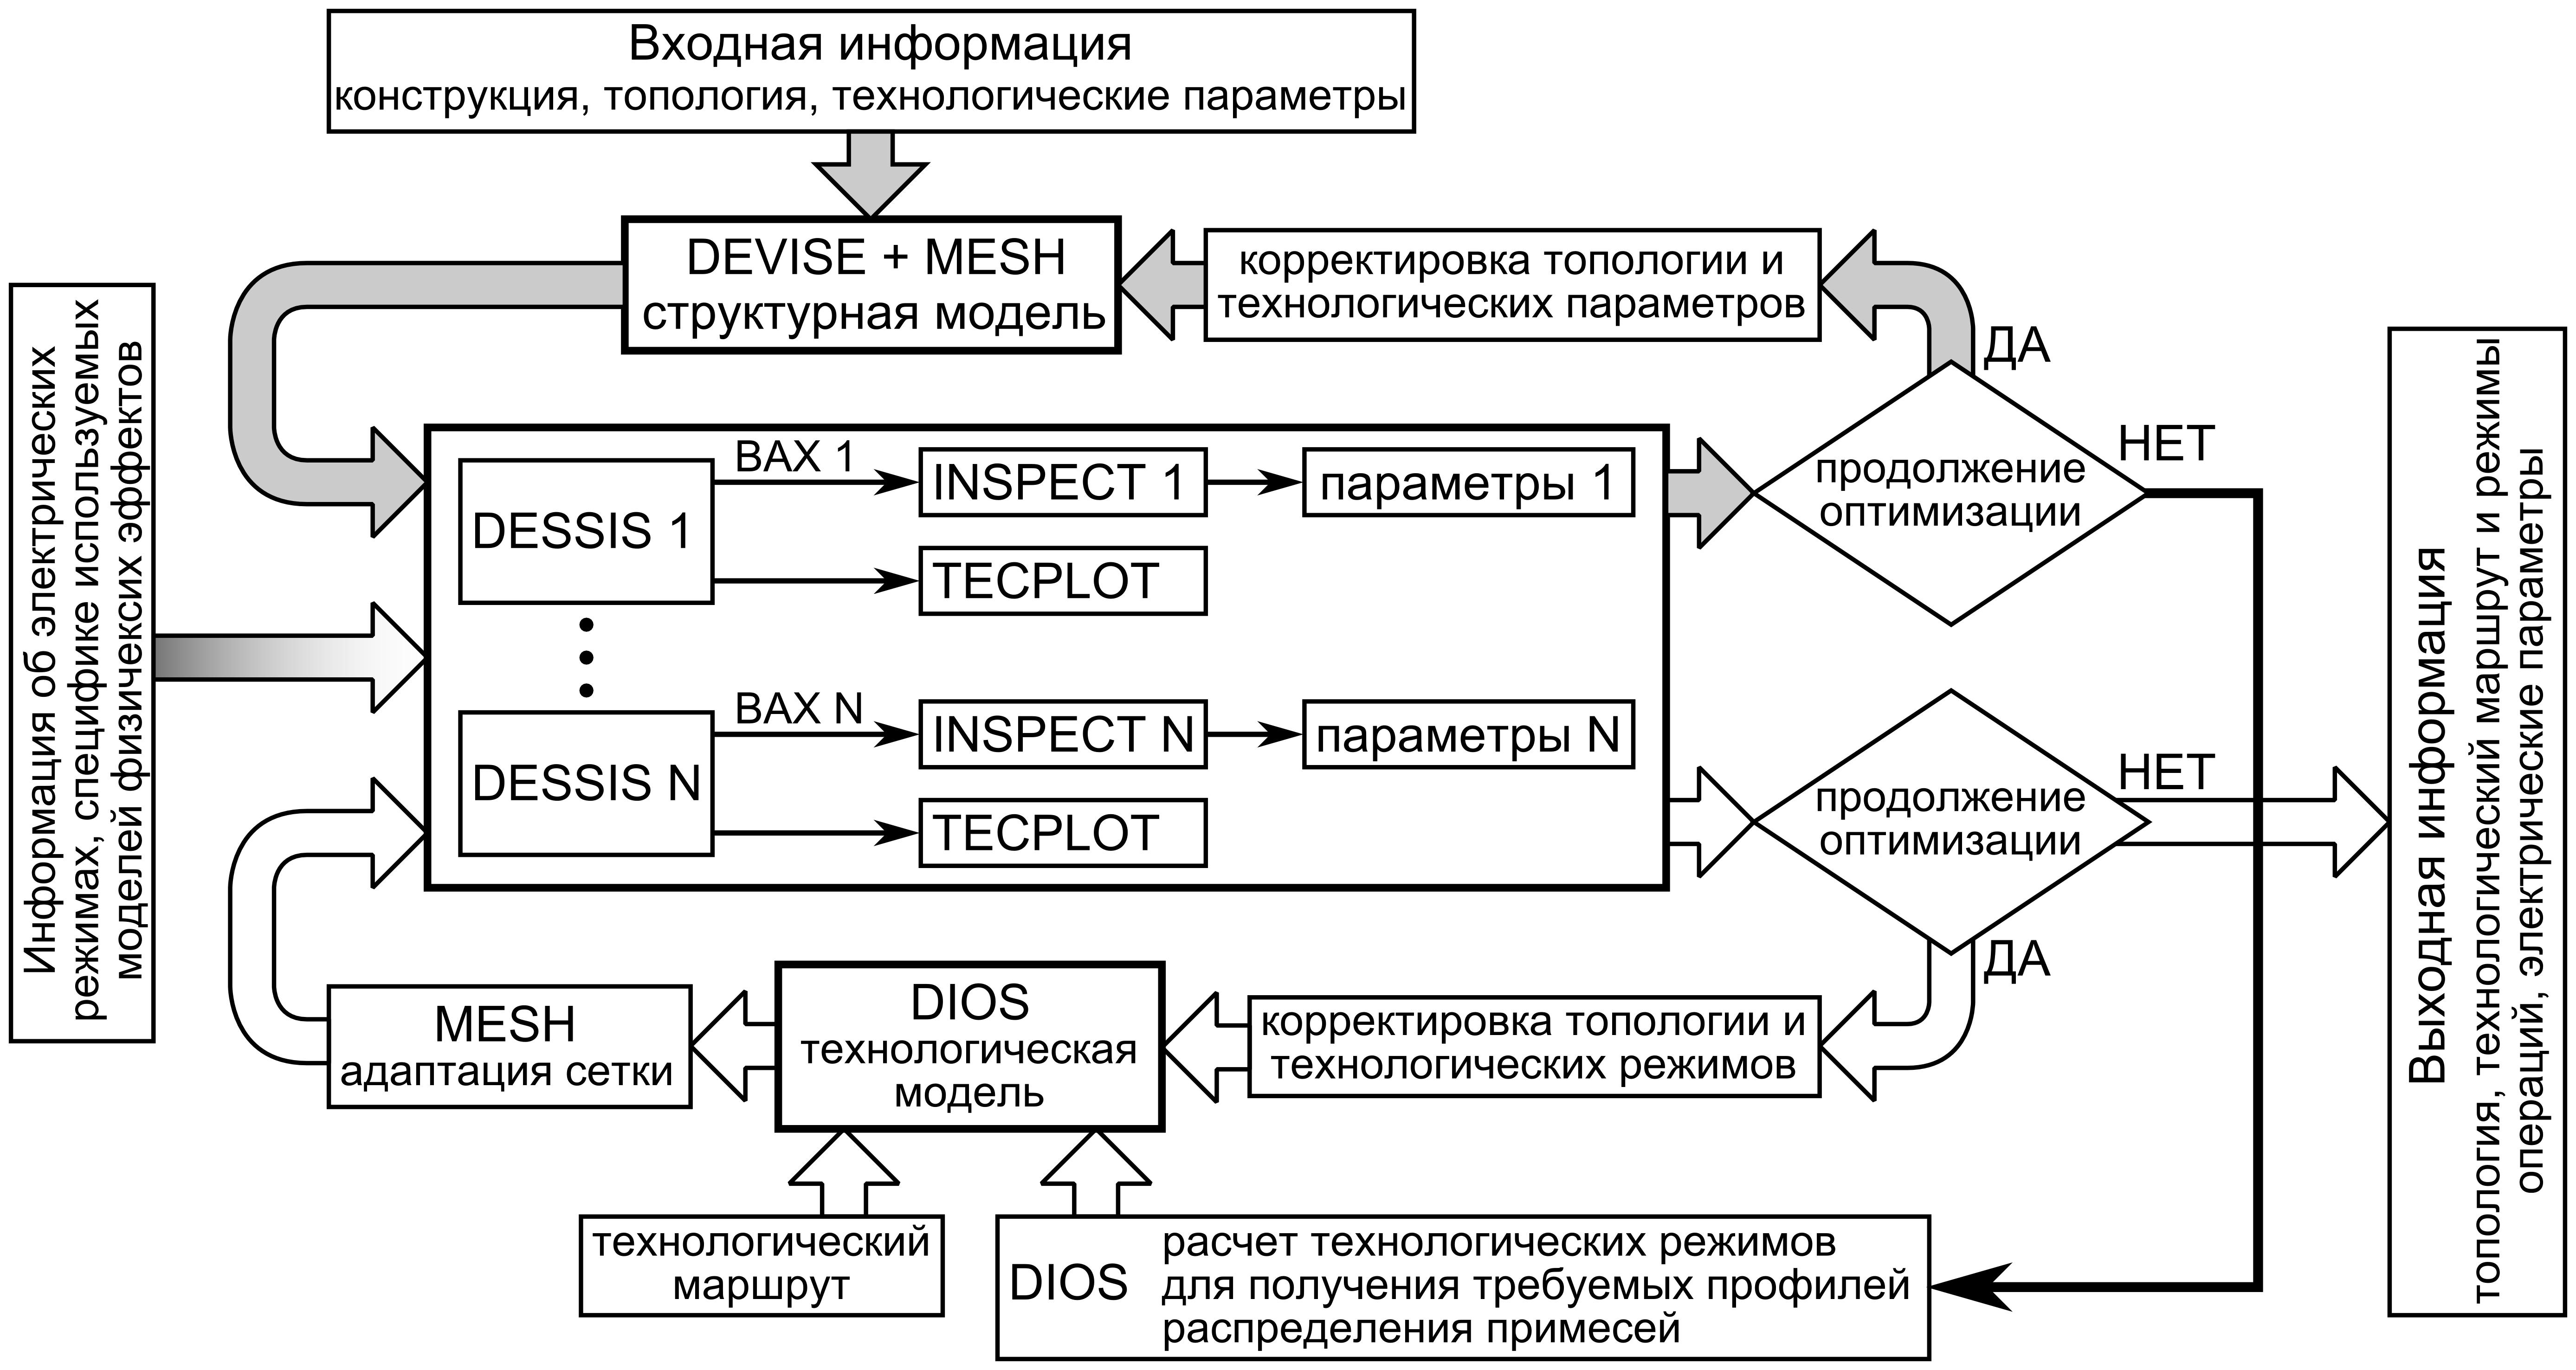 схема моделирования структурная